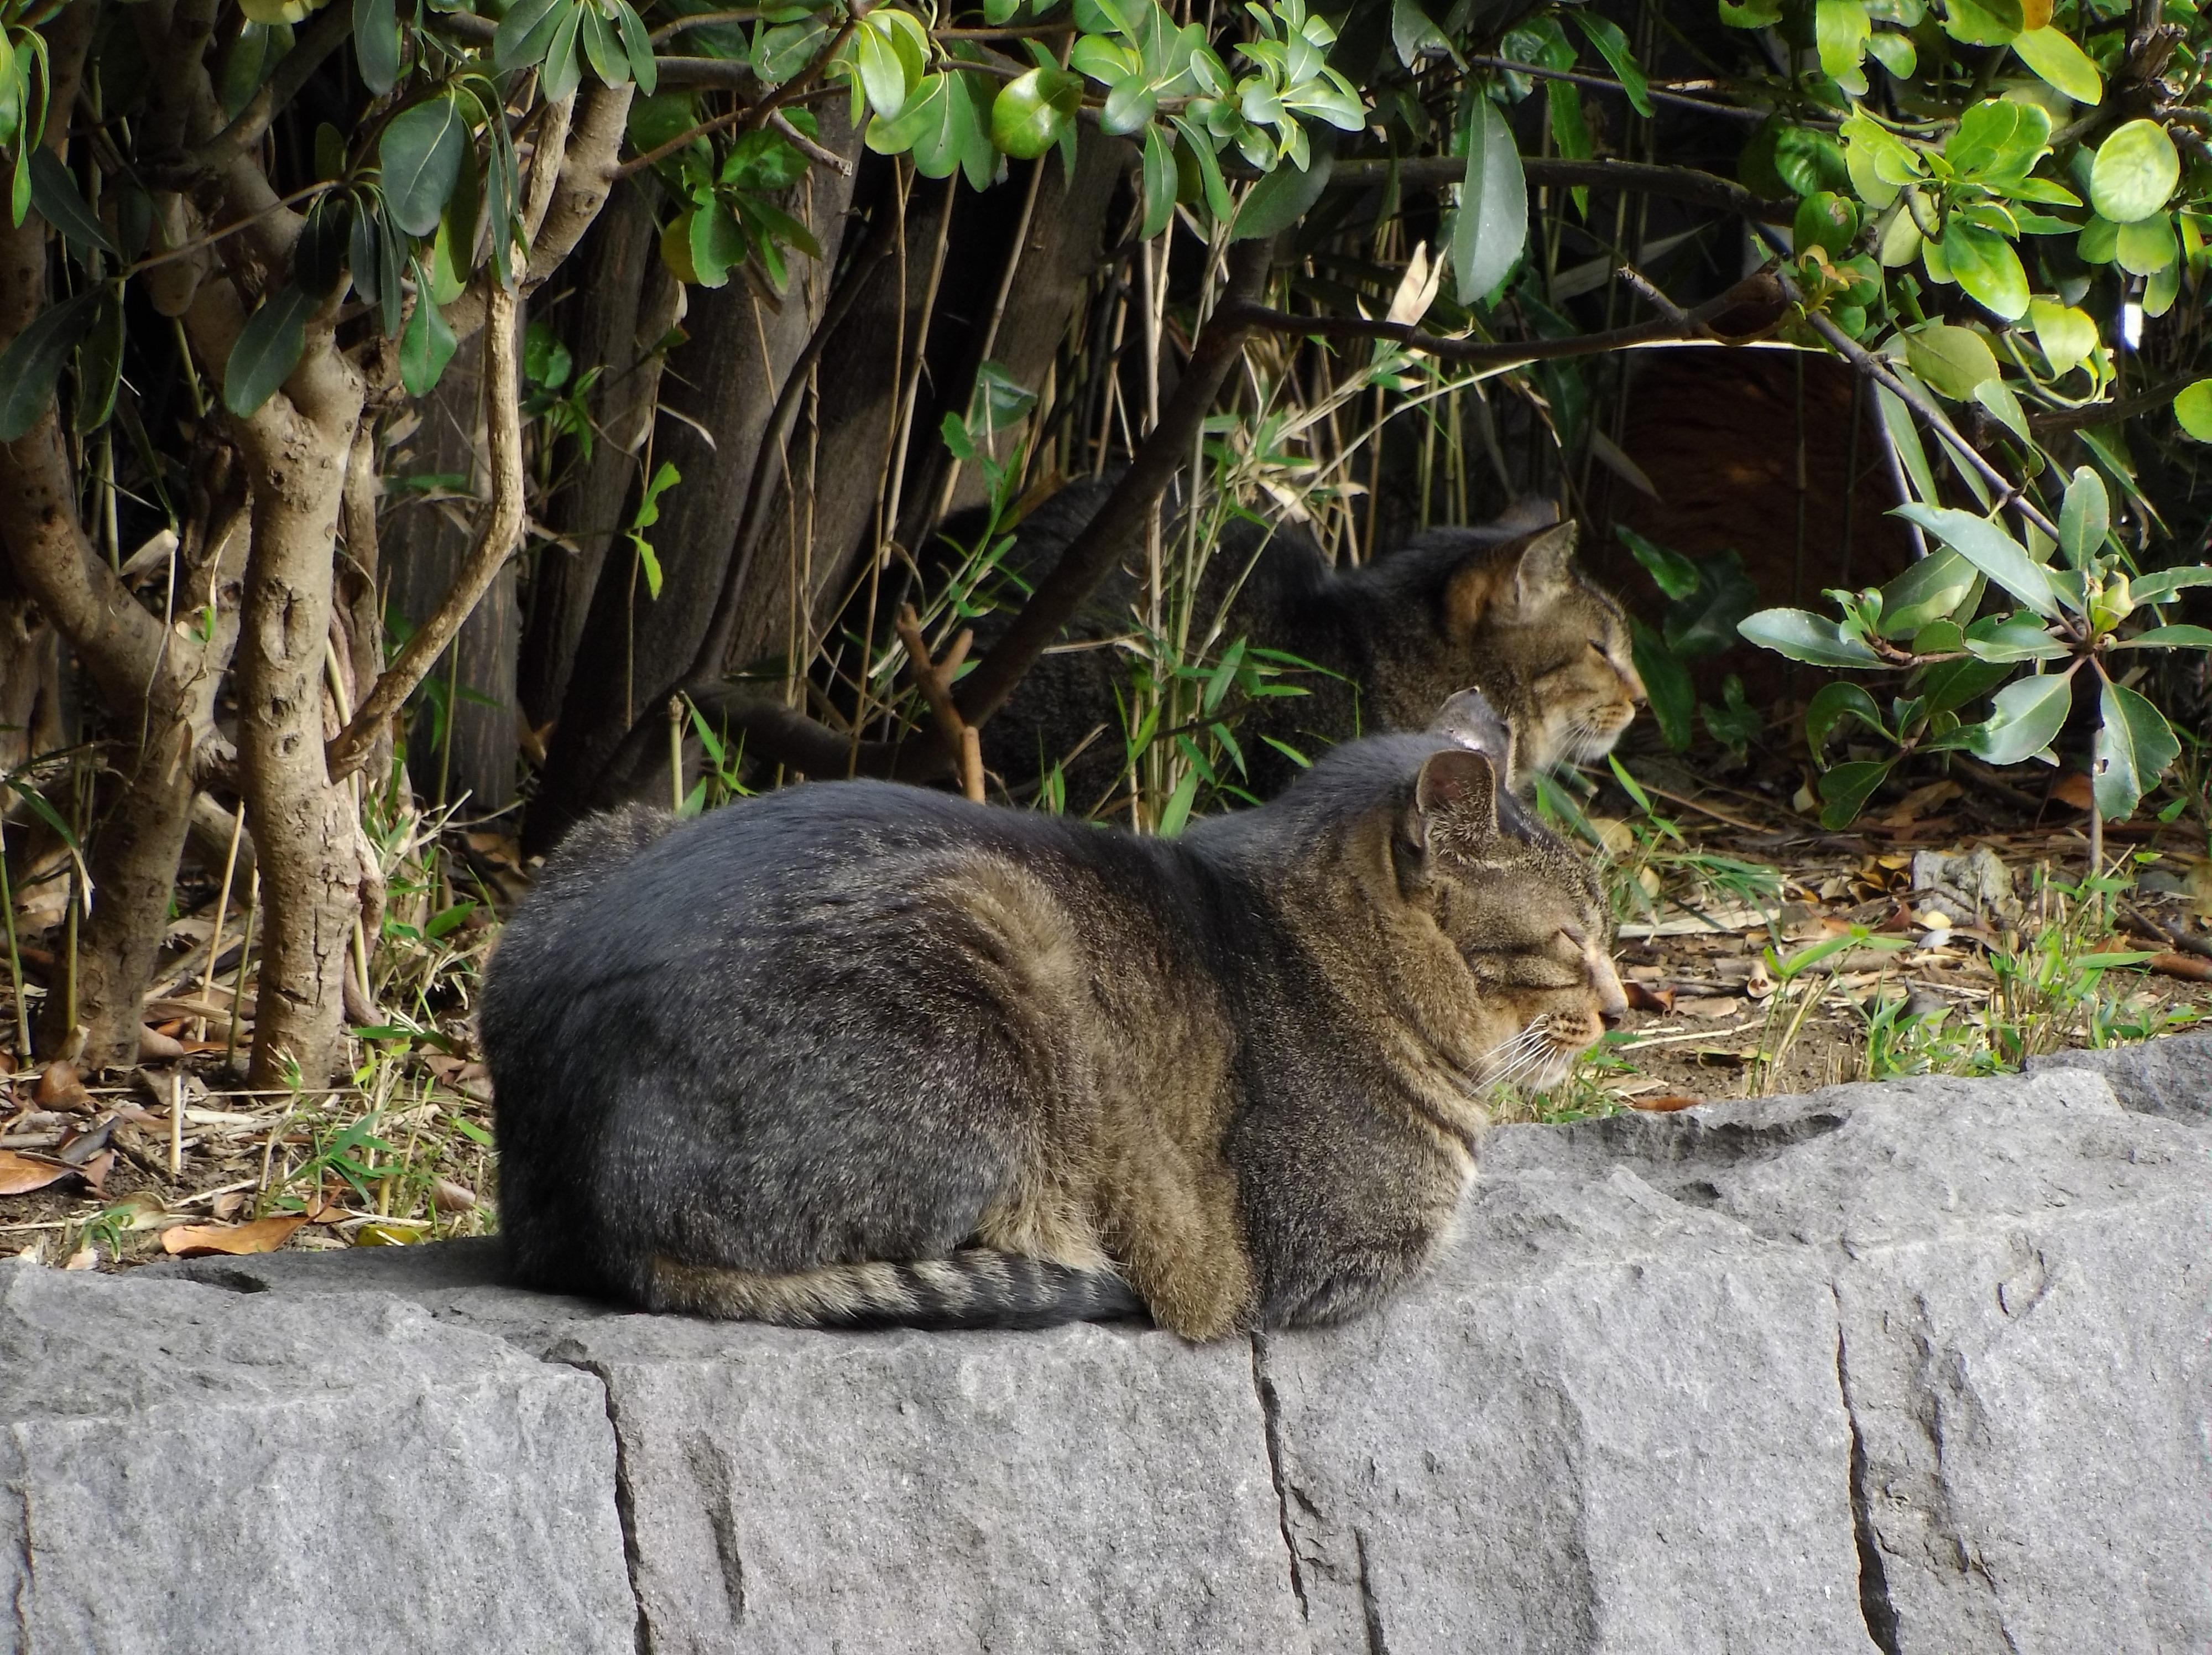 遠くから猫を撮るといった用途には最適。F6.5 / 1/50秒 / ±0EV / ISO125 / 45mm(250mm相当)